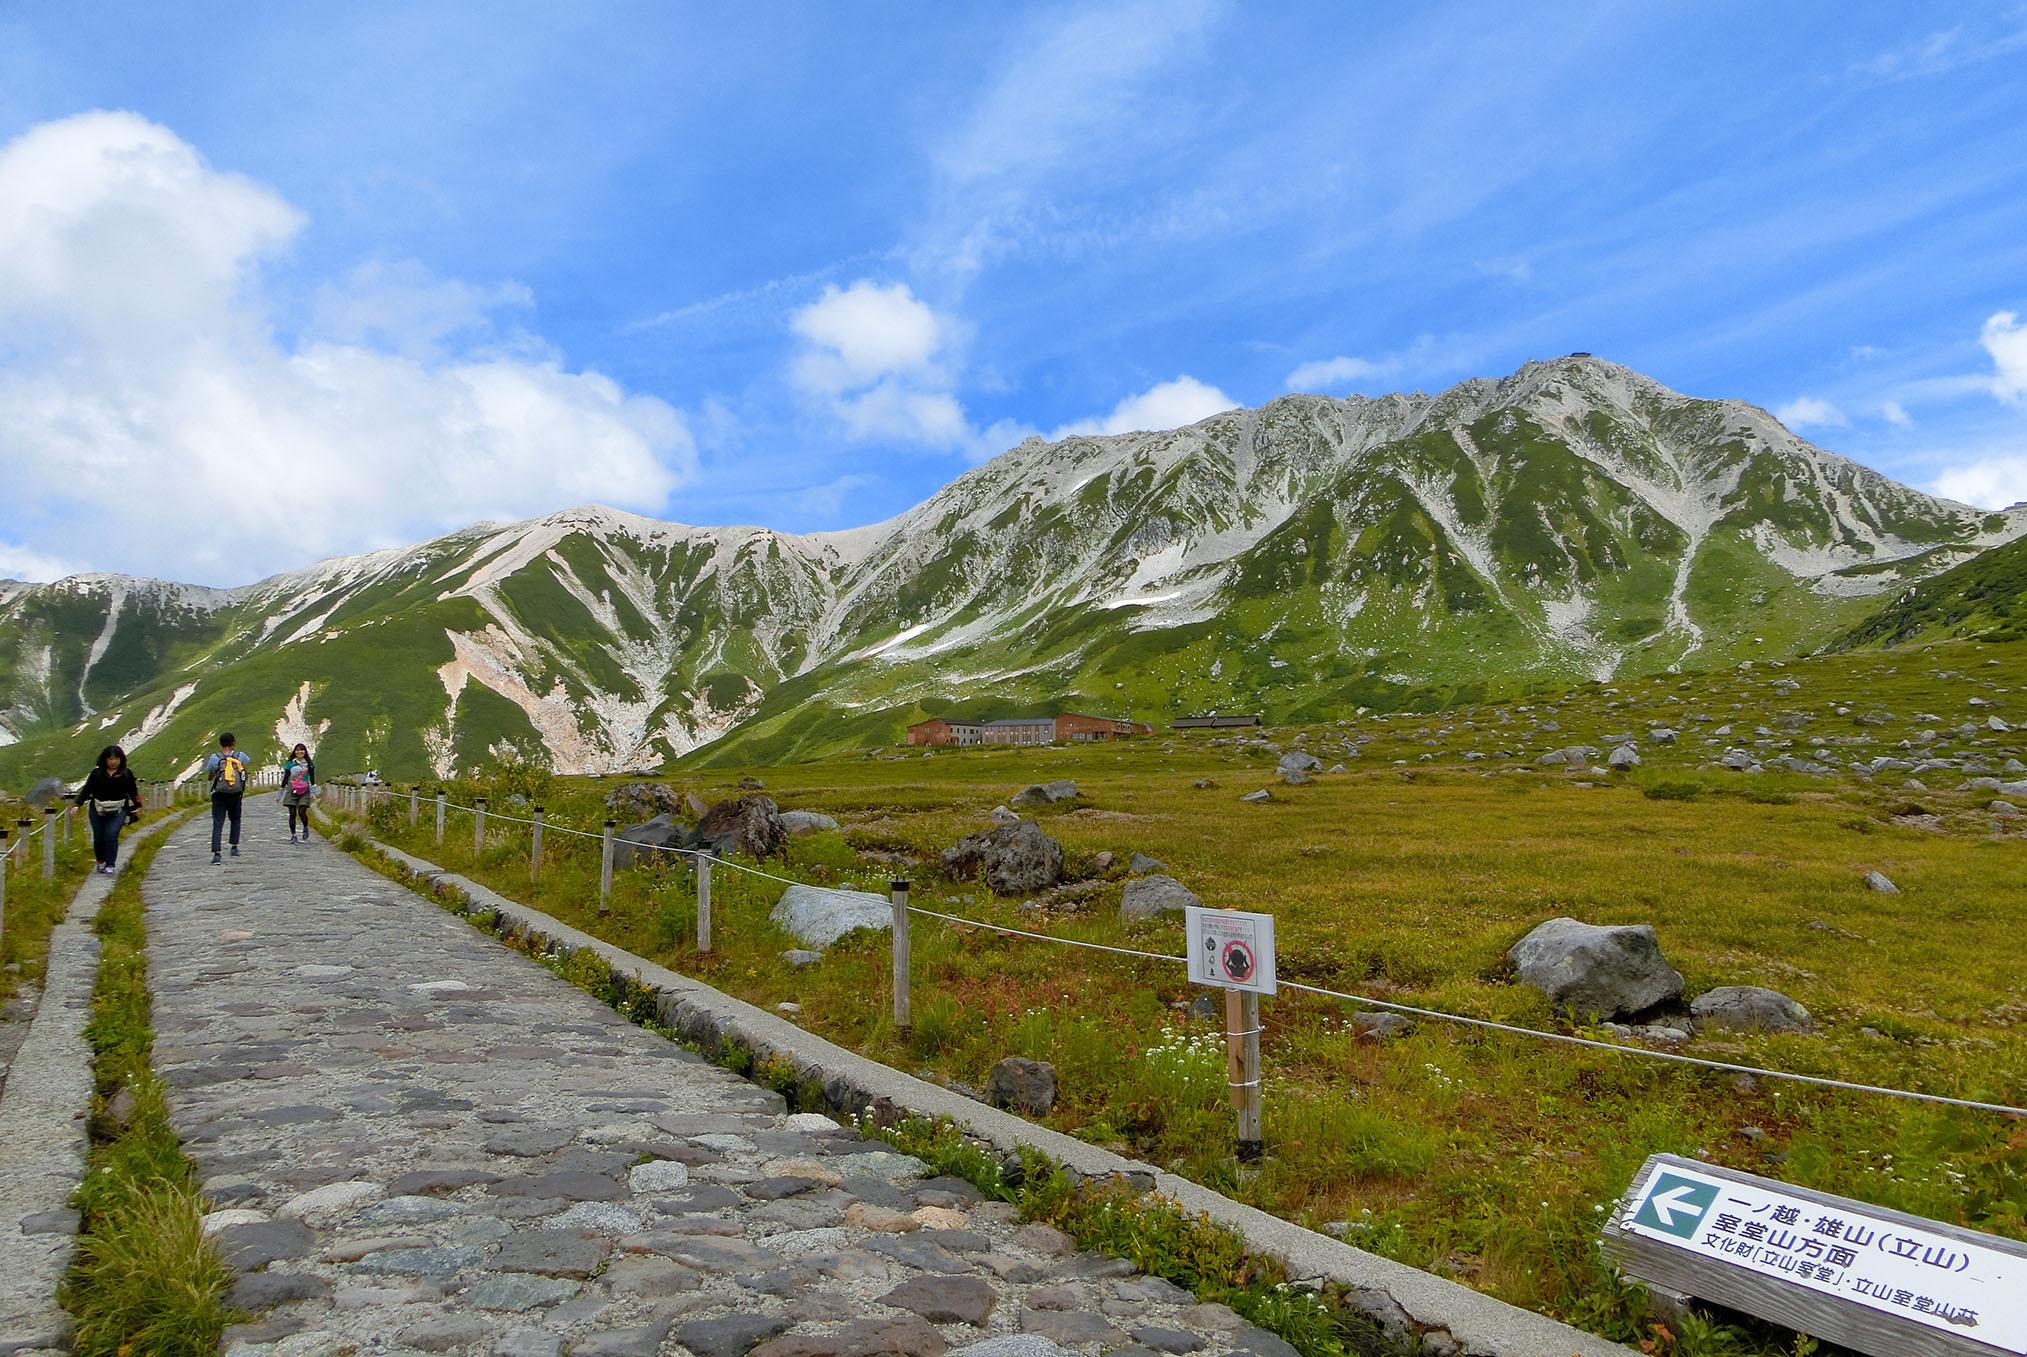 秋の連休は「立山黒部アルペンルート」に決まり!絶景と乗り物を堪能♪